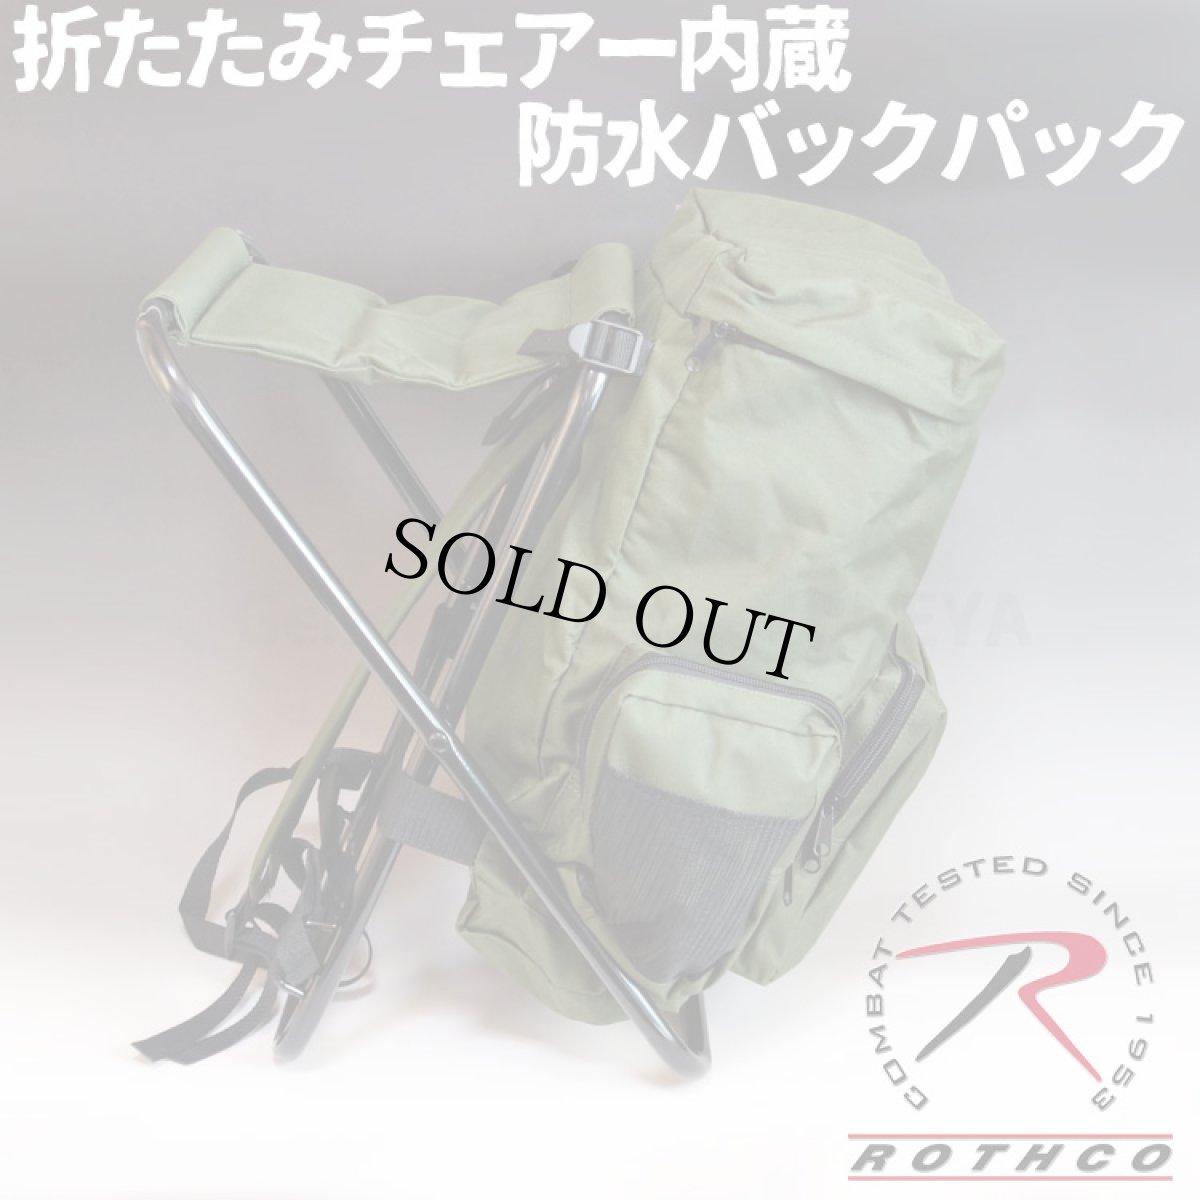 画像1: スツール付 バックパック 椅子付きリュック ROTHCO ロスコ 新品 / オリーブドラブ (1)